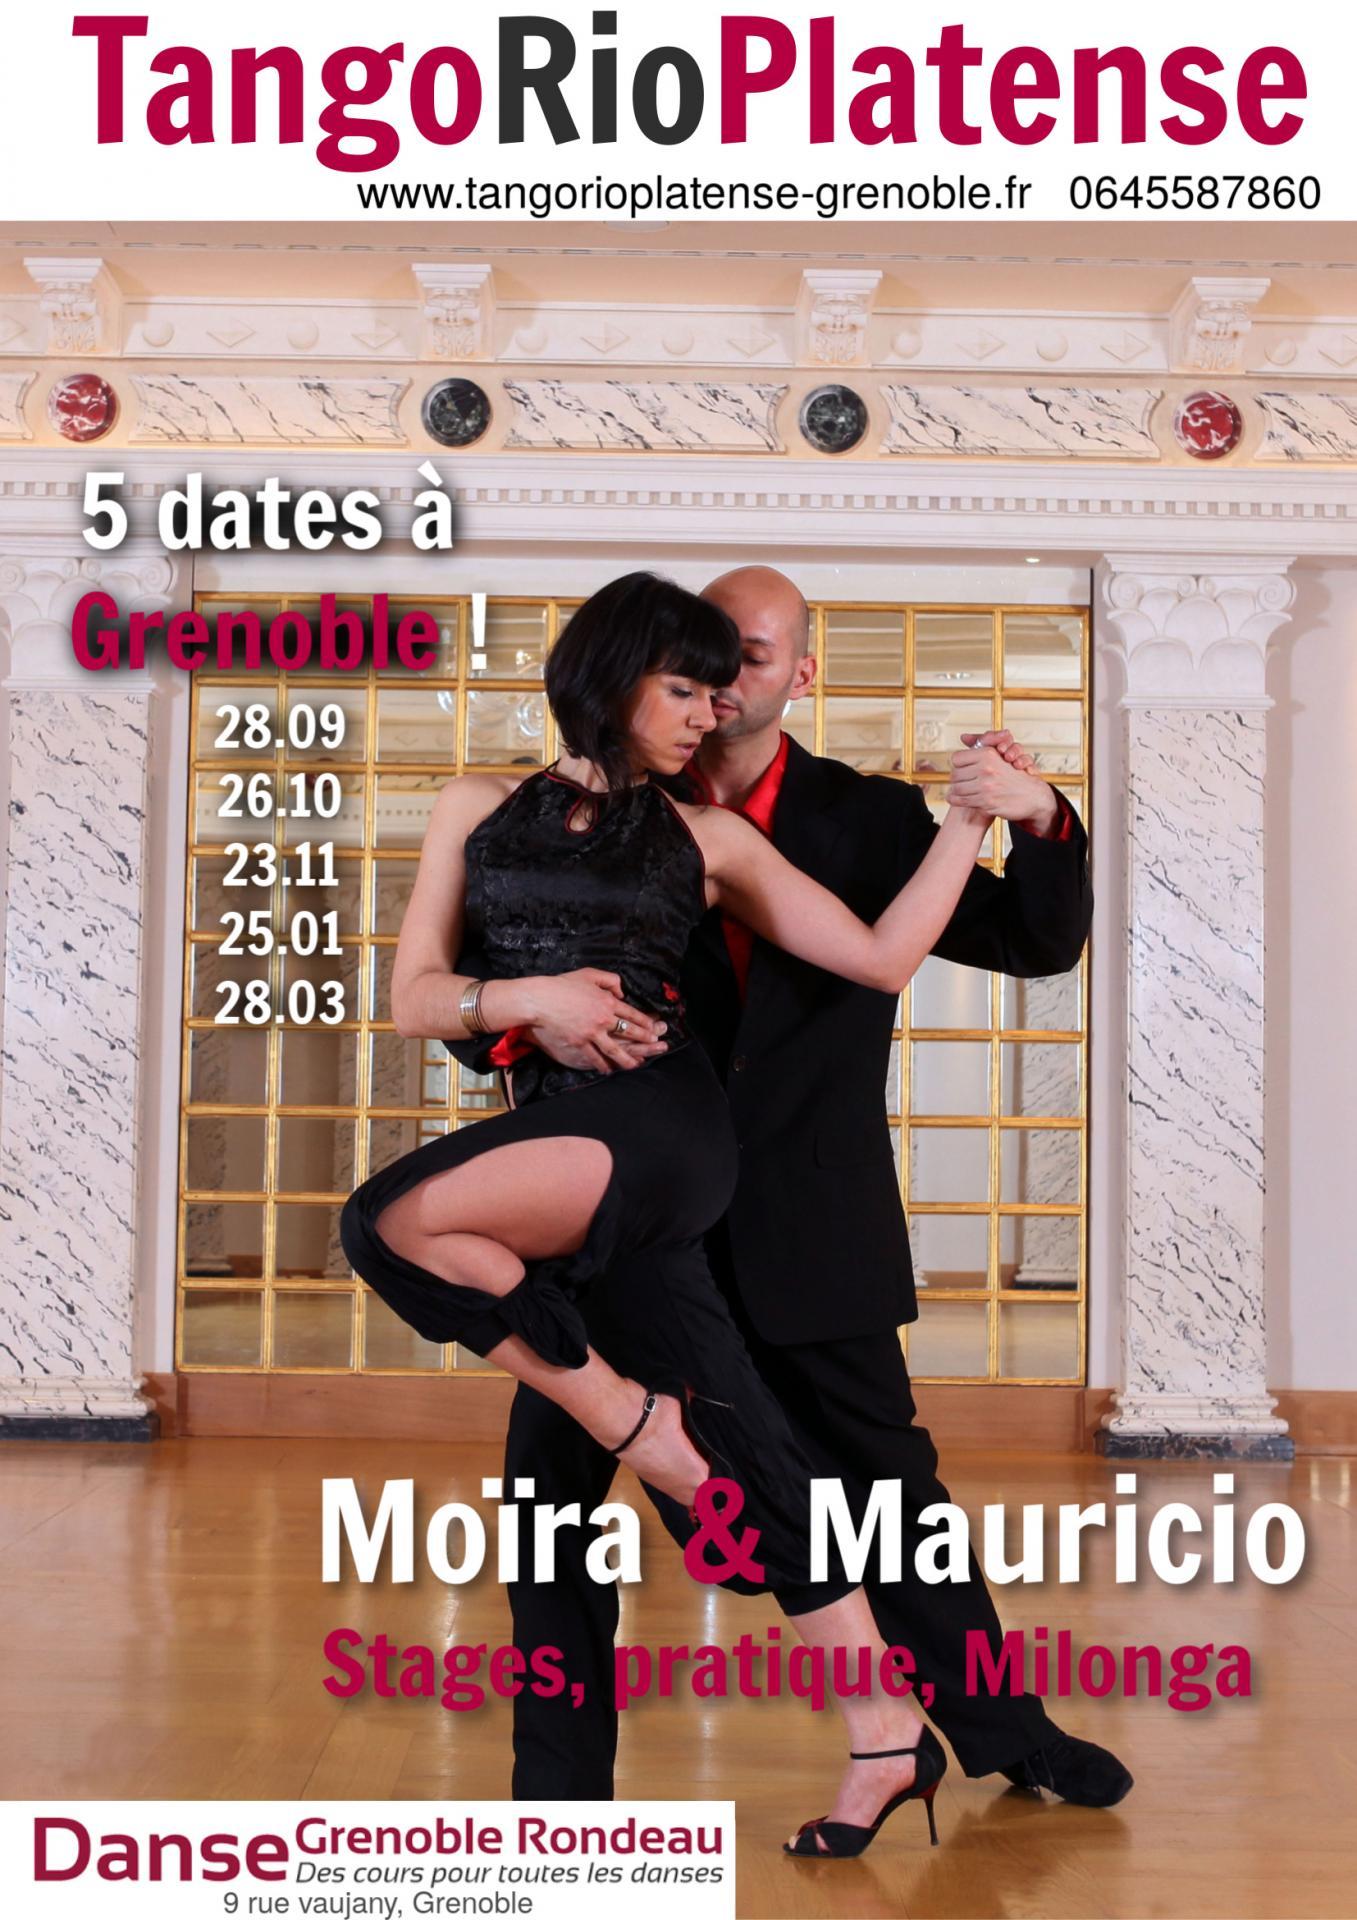 Moira mauricio 1